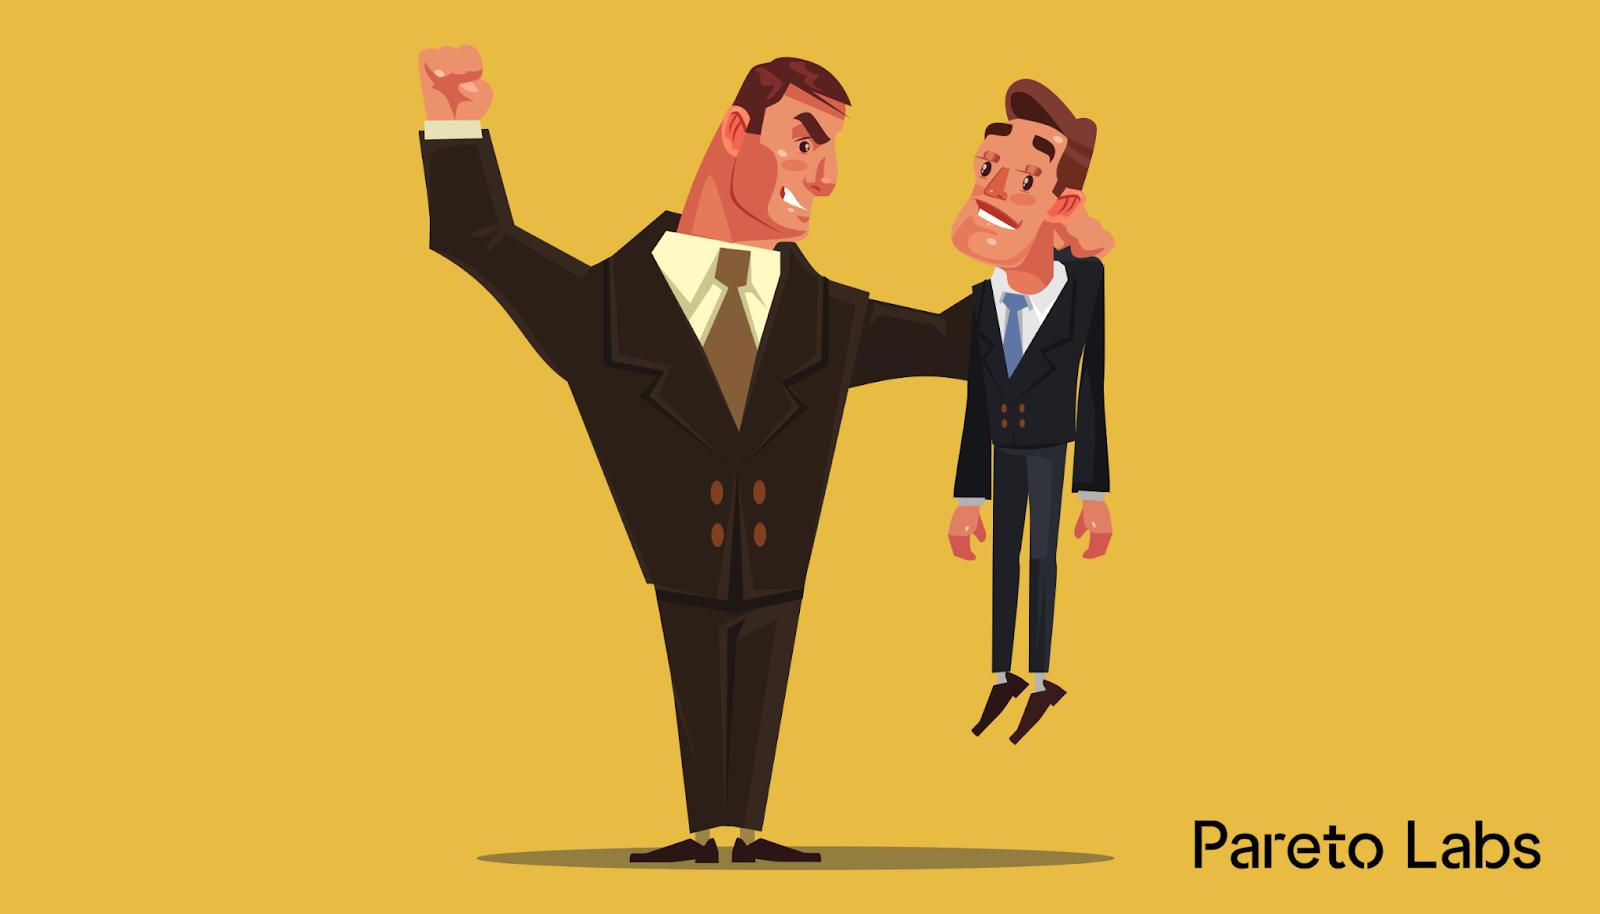 6 characteristics of bad leadership